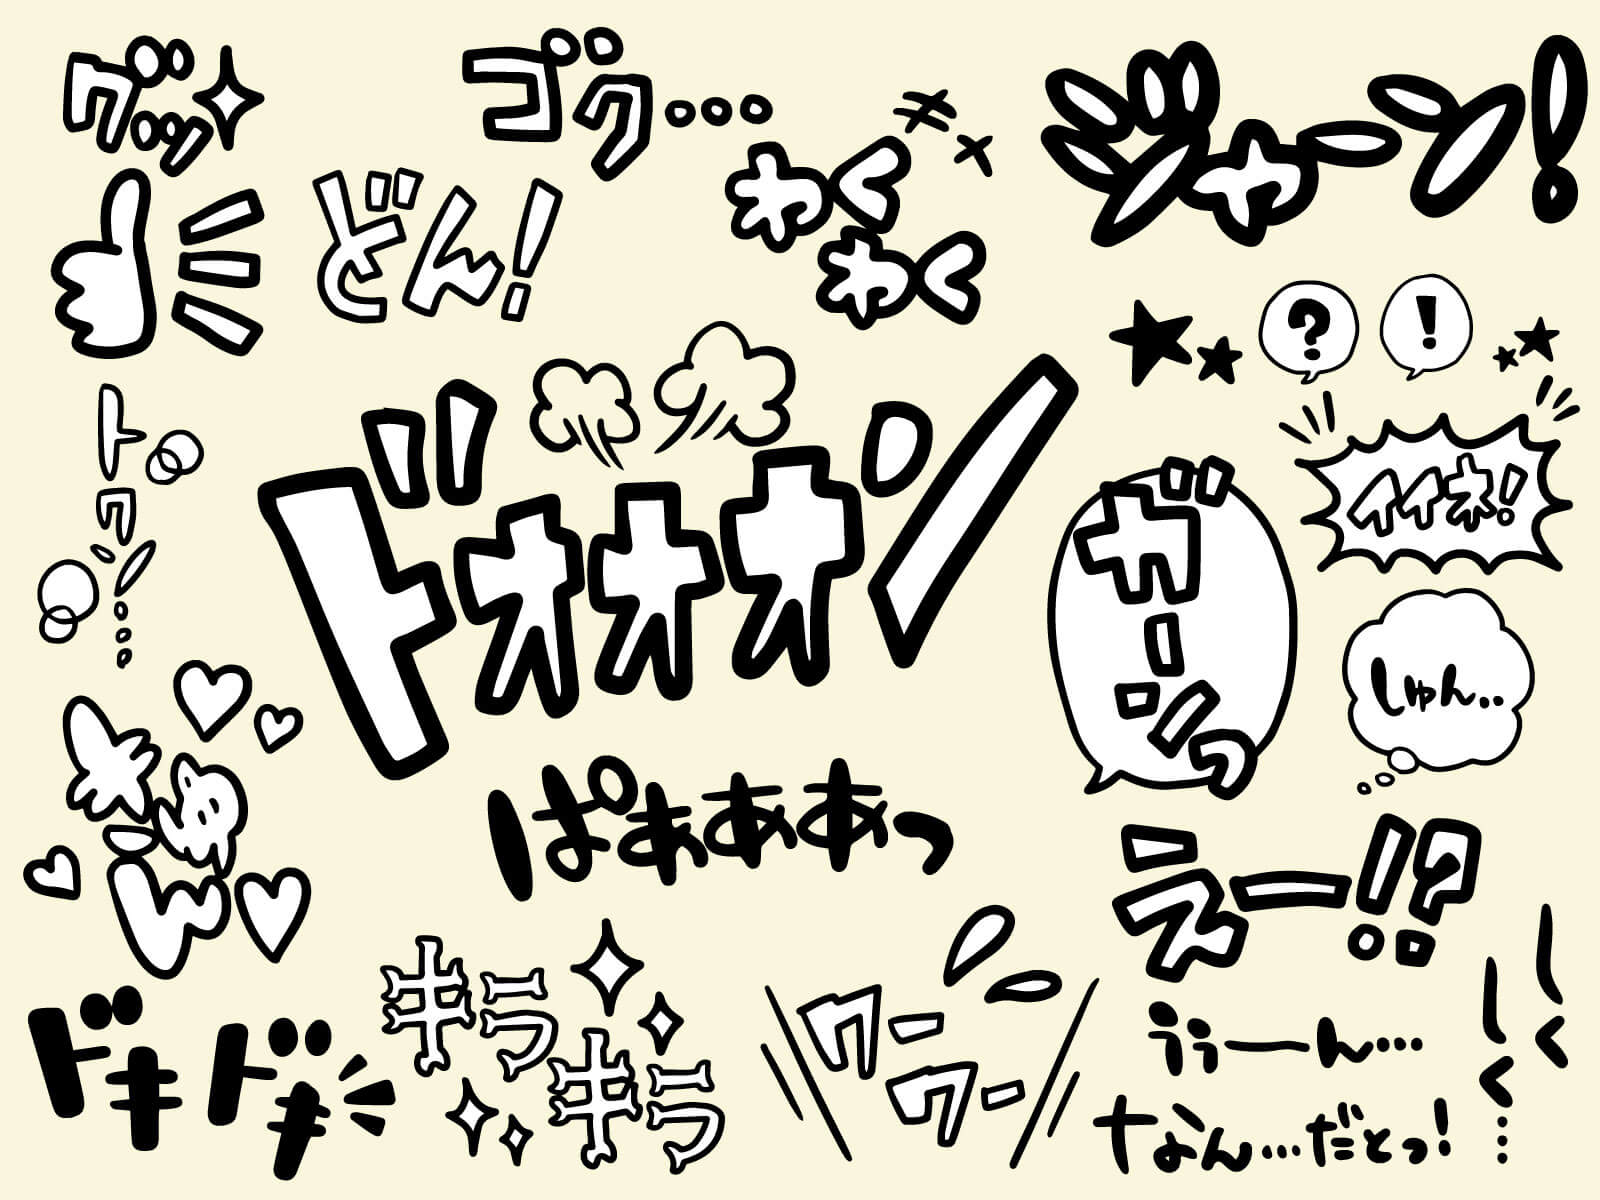 【お知らせ】オノマトペ クイズ「Nihongo Onomatopoeia Quiz」をリリースしました